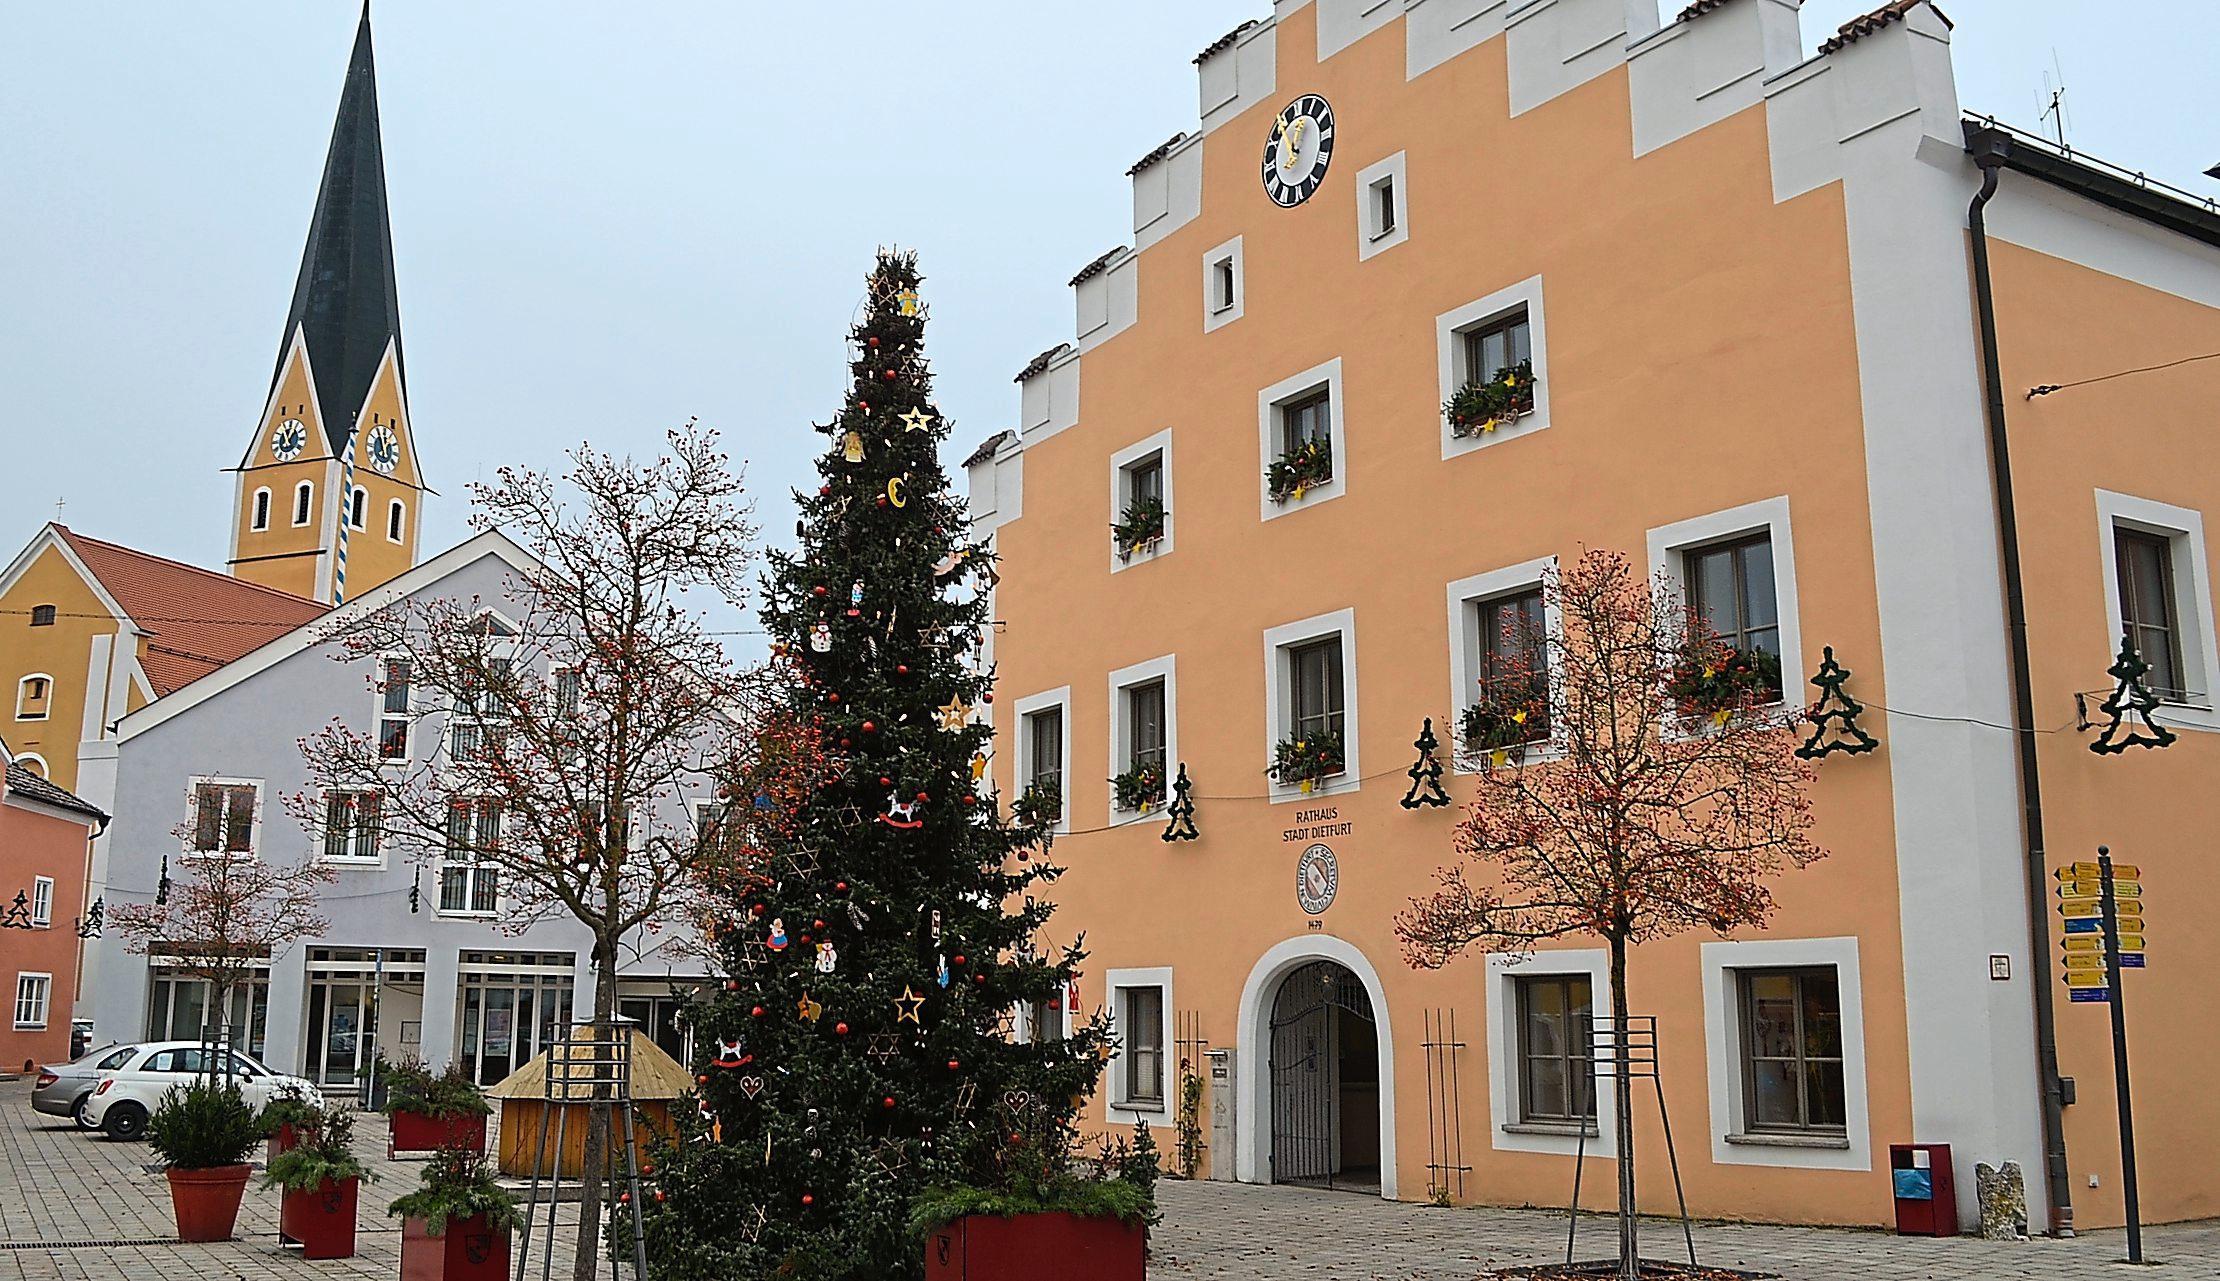 In Dietfurt steht der Christbaum bereits prächtig geschmückt direkt vor dem Rathaus und verbreitet festliche Stimmung. Foto: Deisler